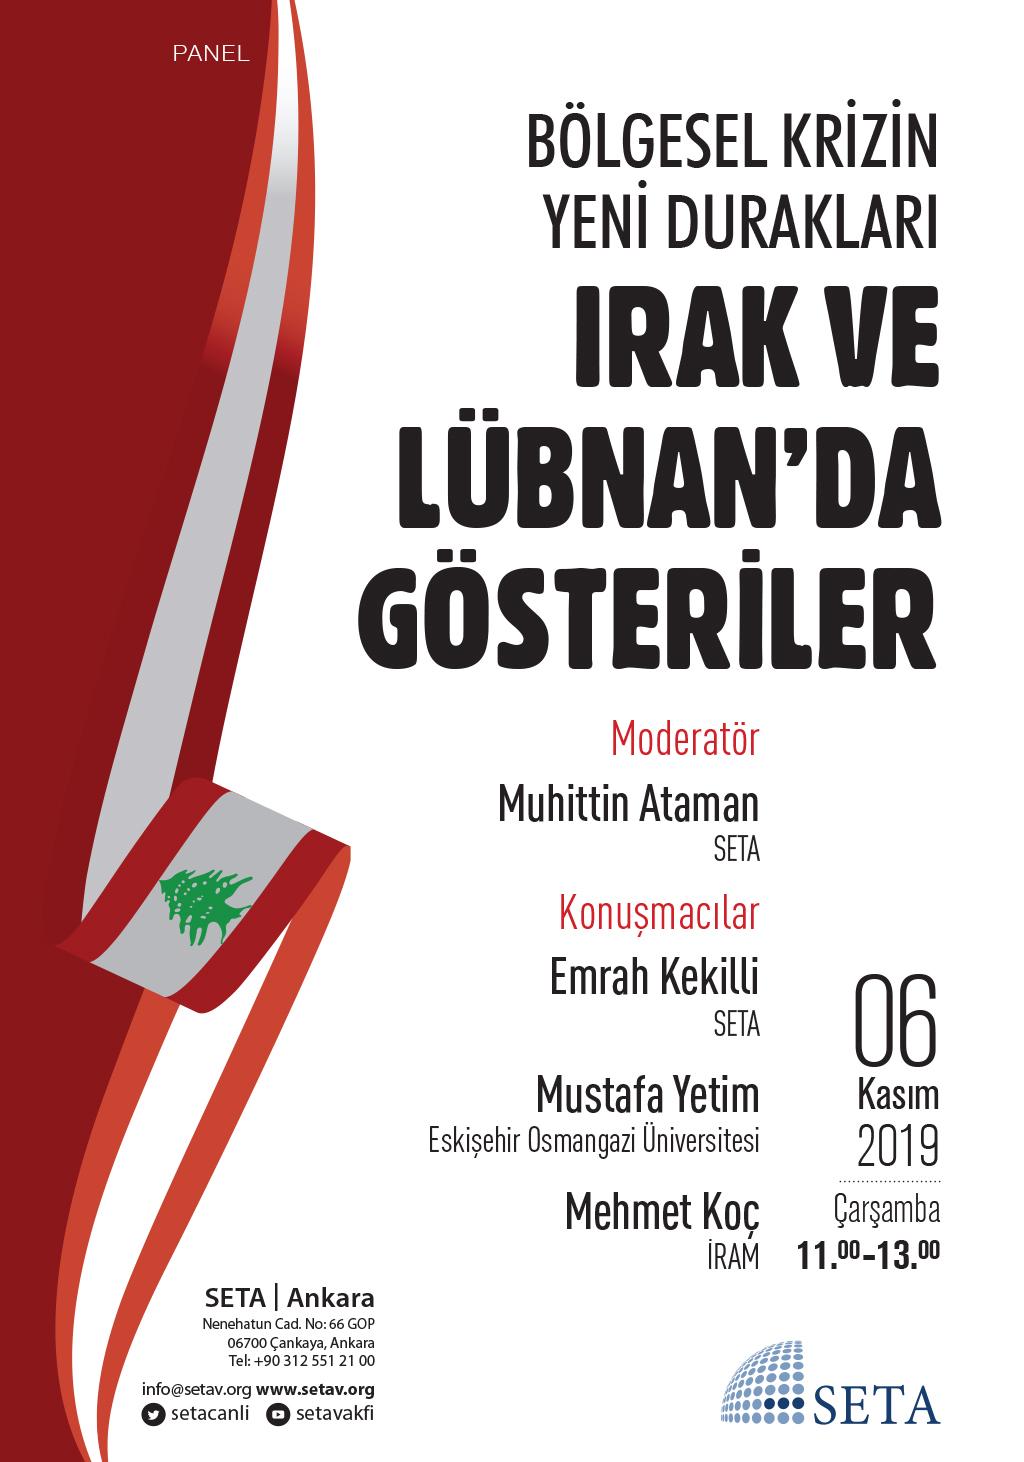 Panel: Bölgesel Krizin Yeni Durakları | Irak ve Lübnan'da Gösteriler